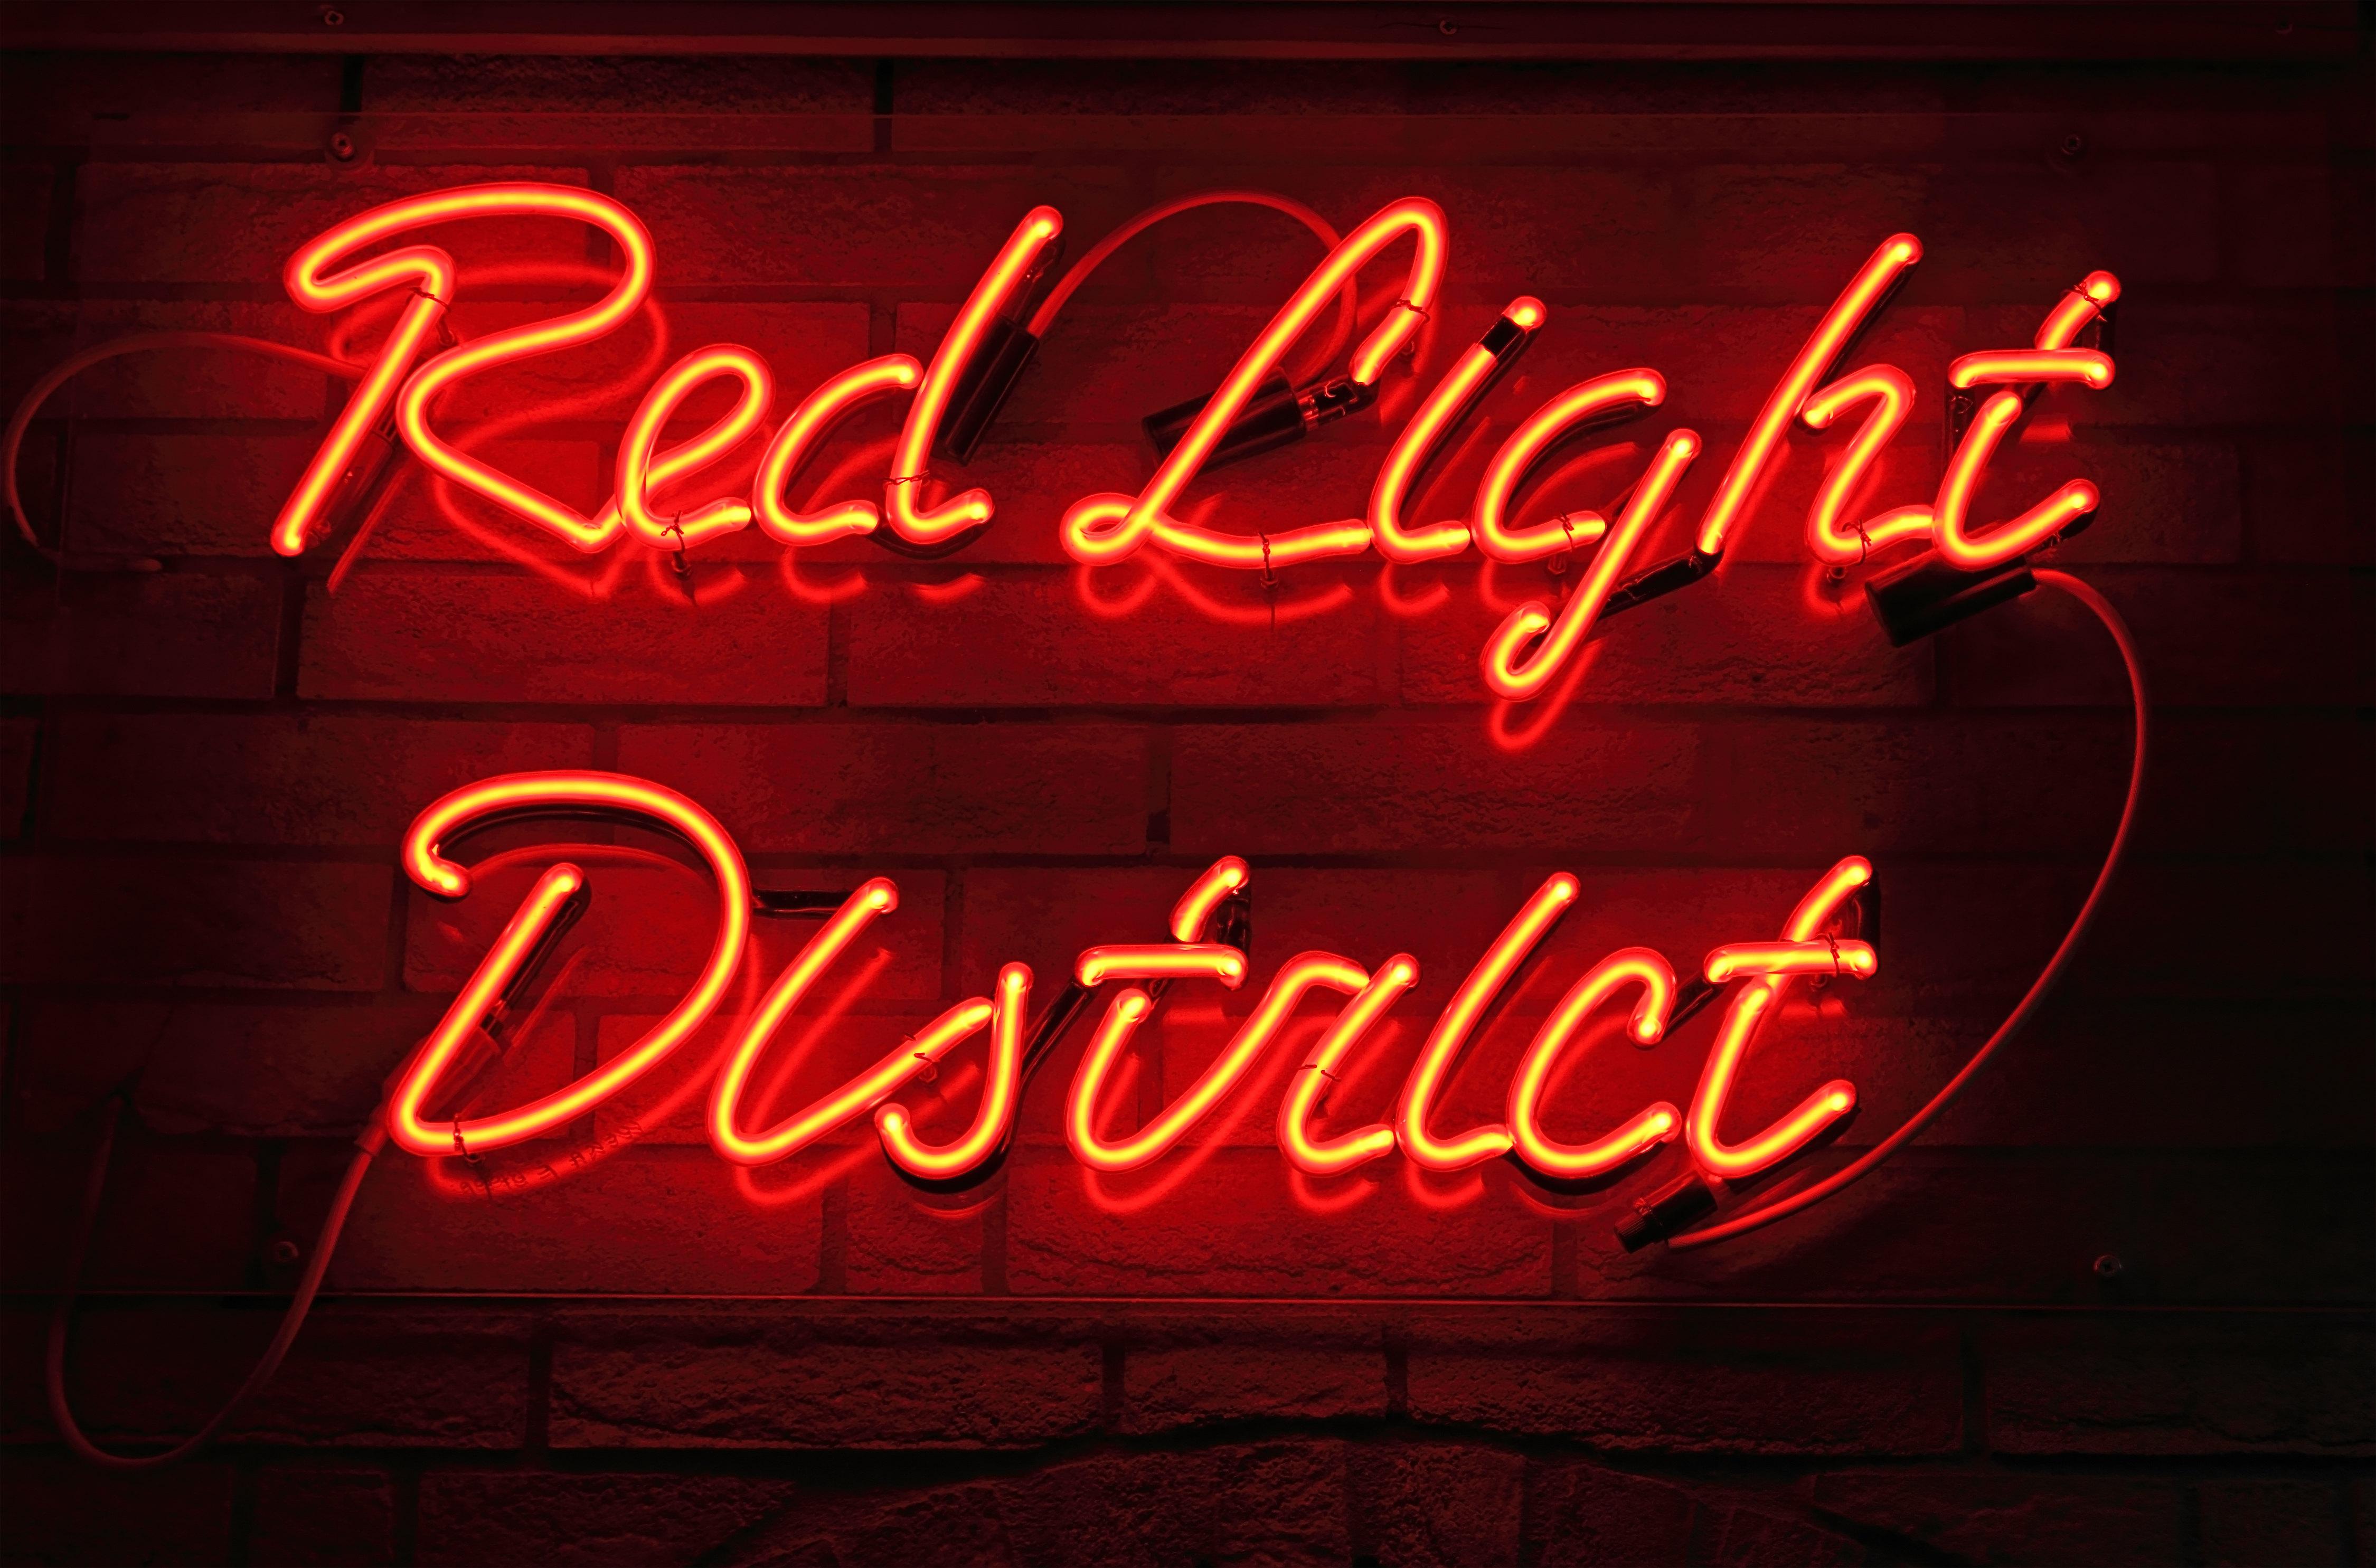 阿姆斯特丹红灯区  Red Light District   -3